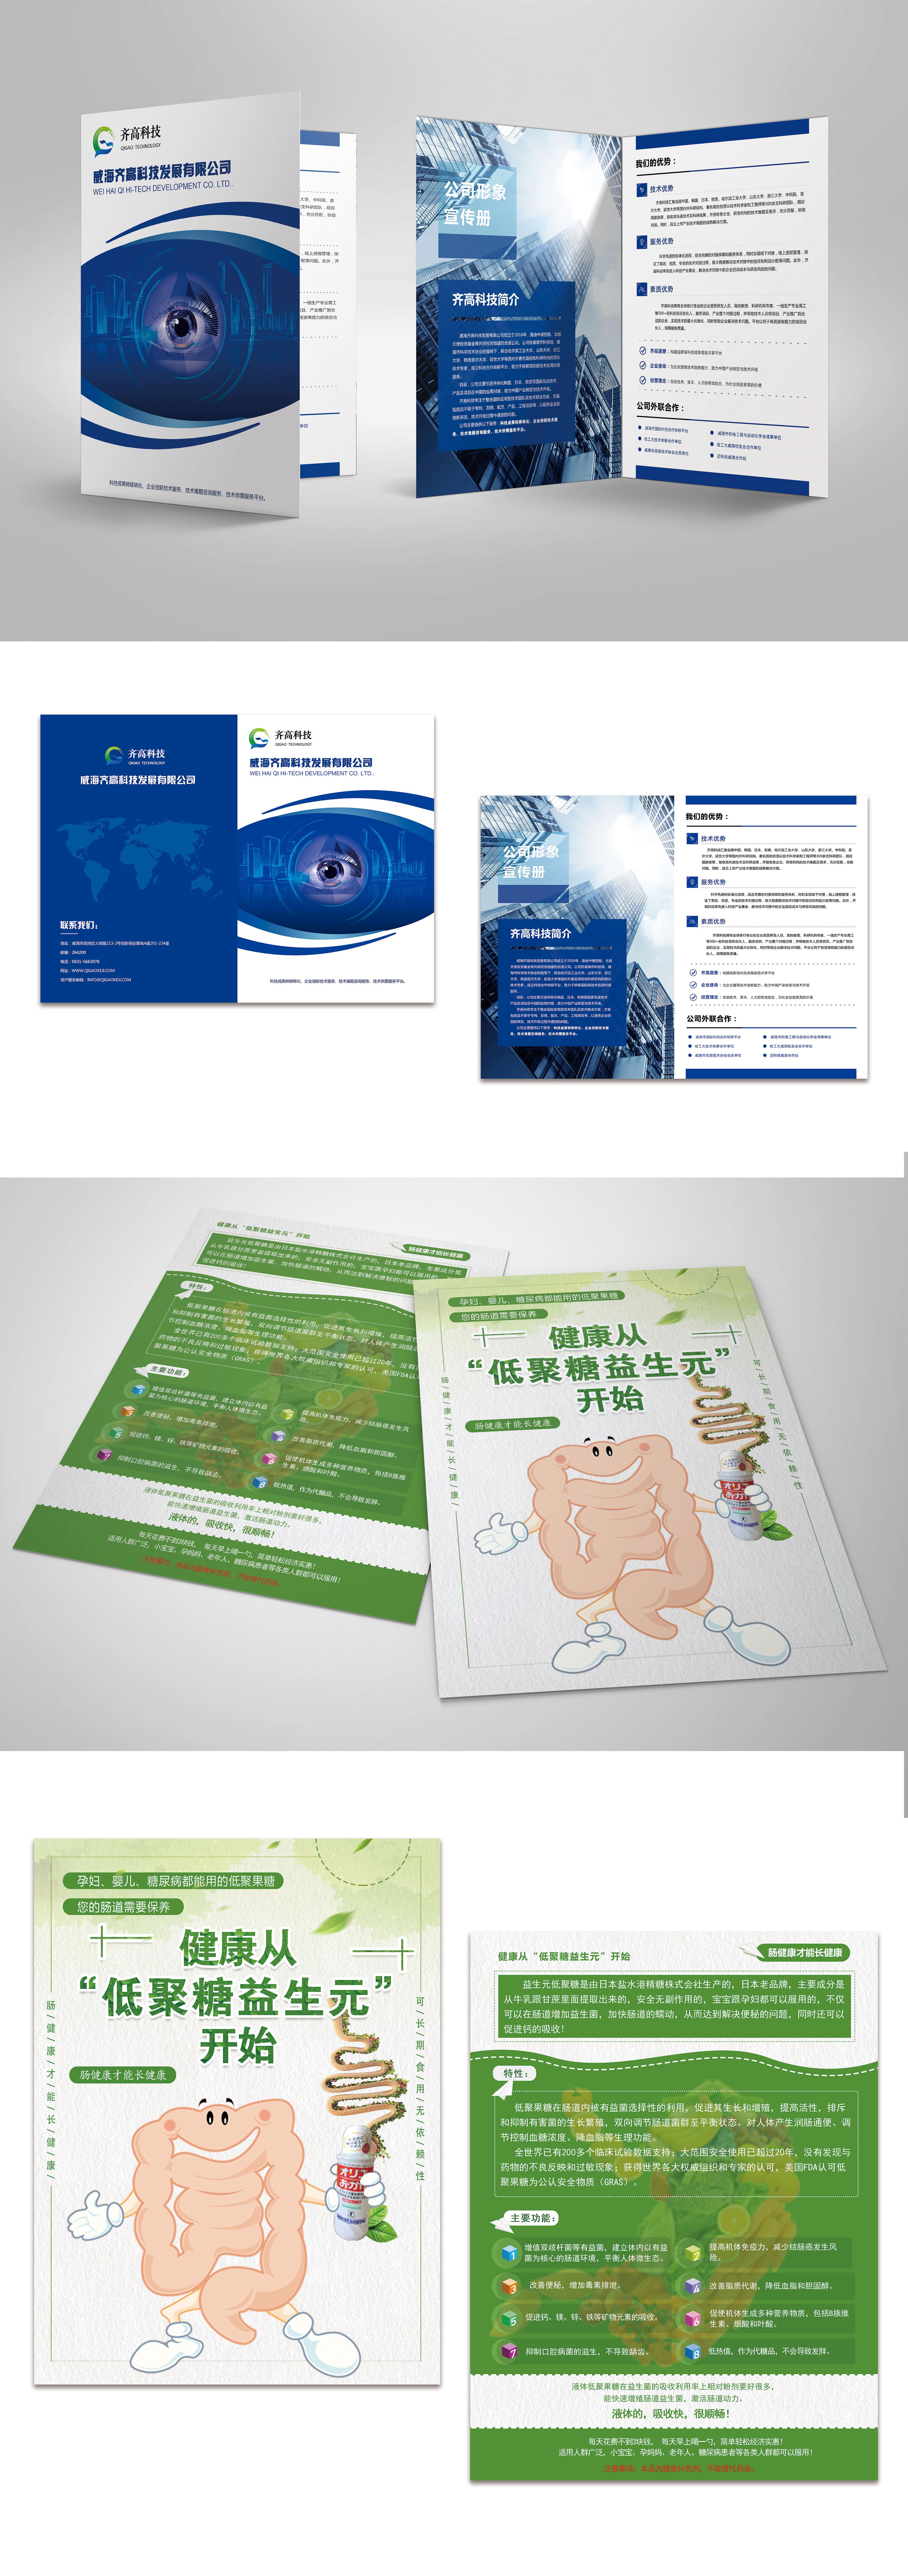 超简单―公司及食品宣传页设计_2996428_k68威客网